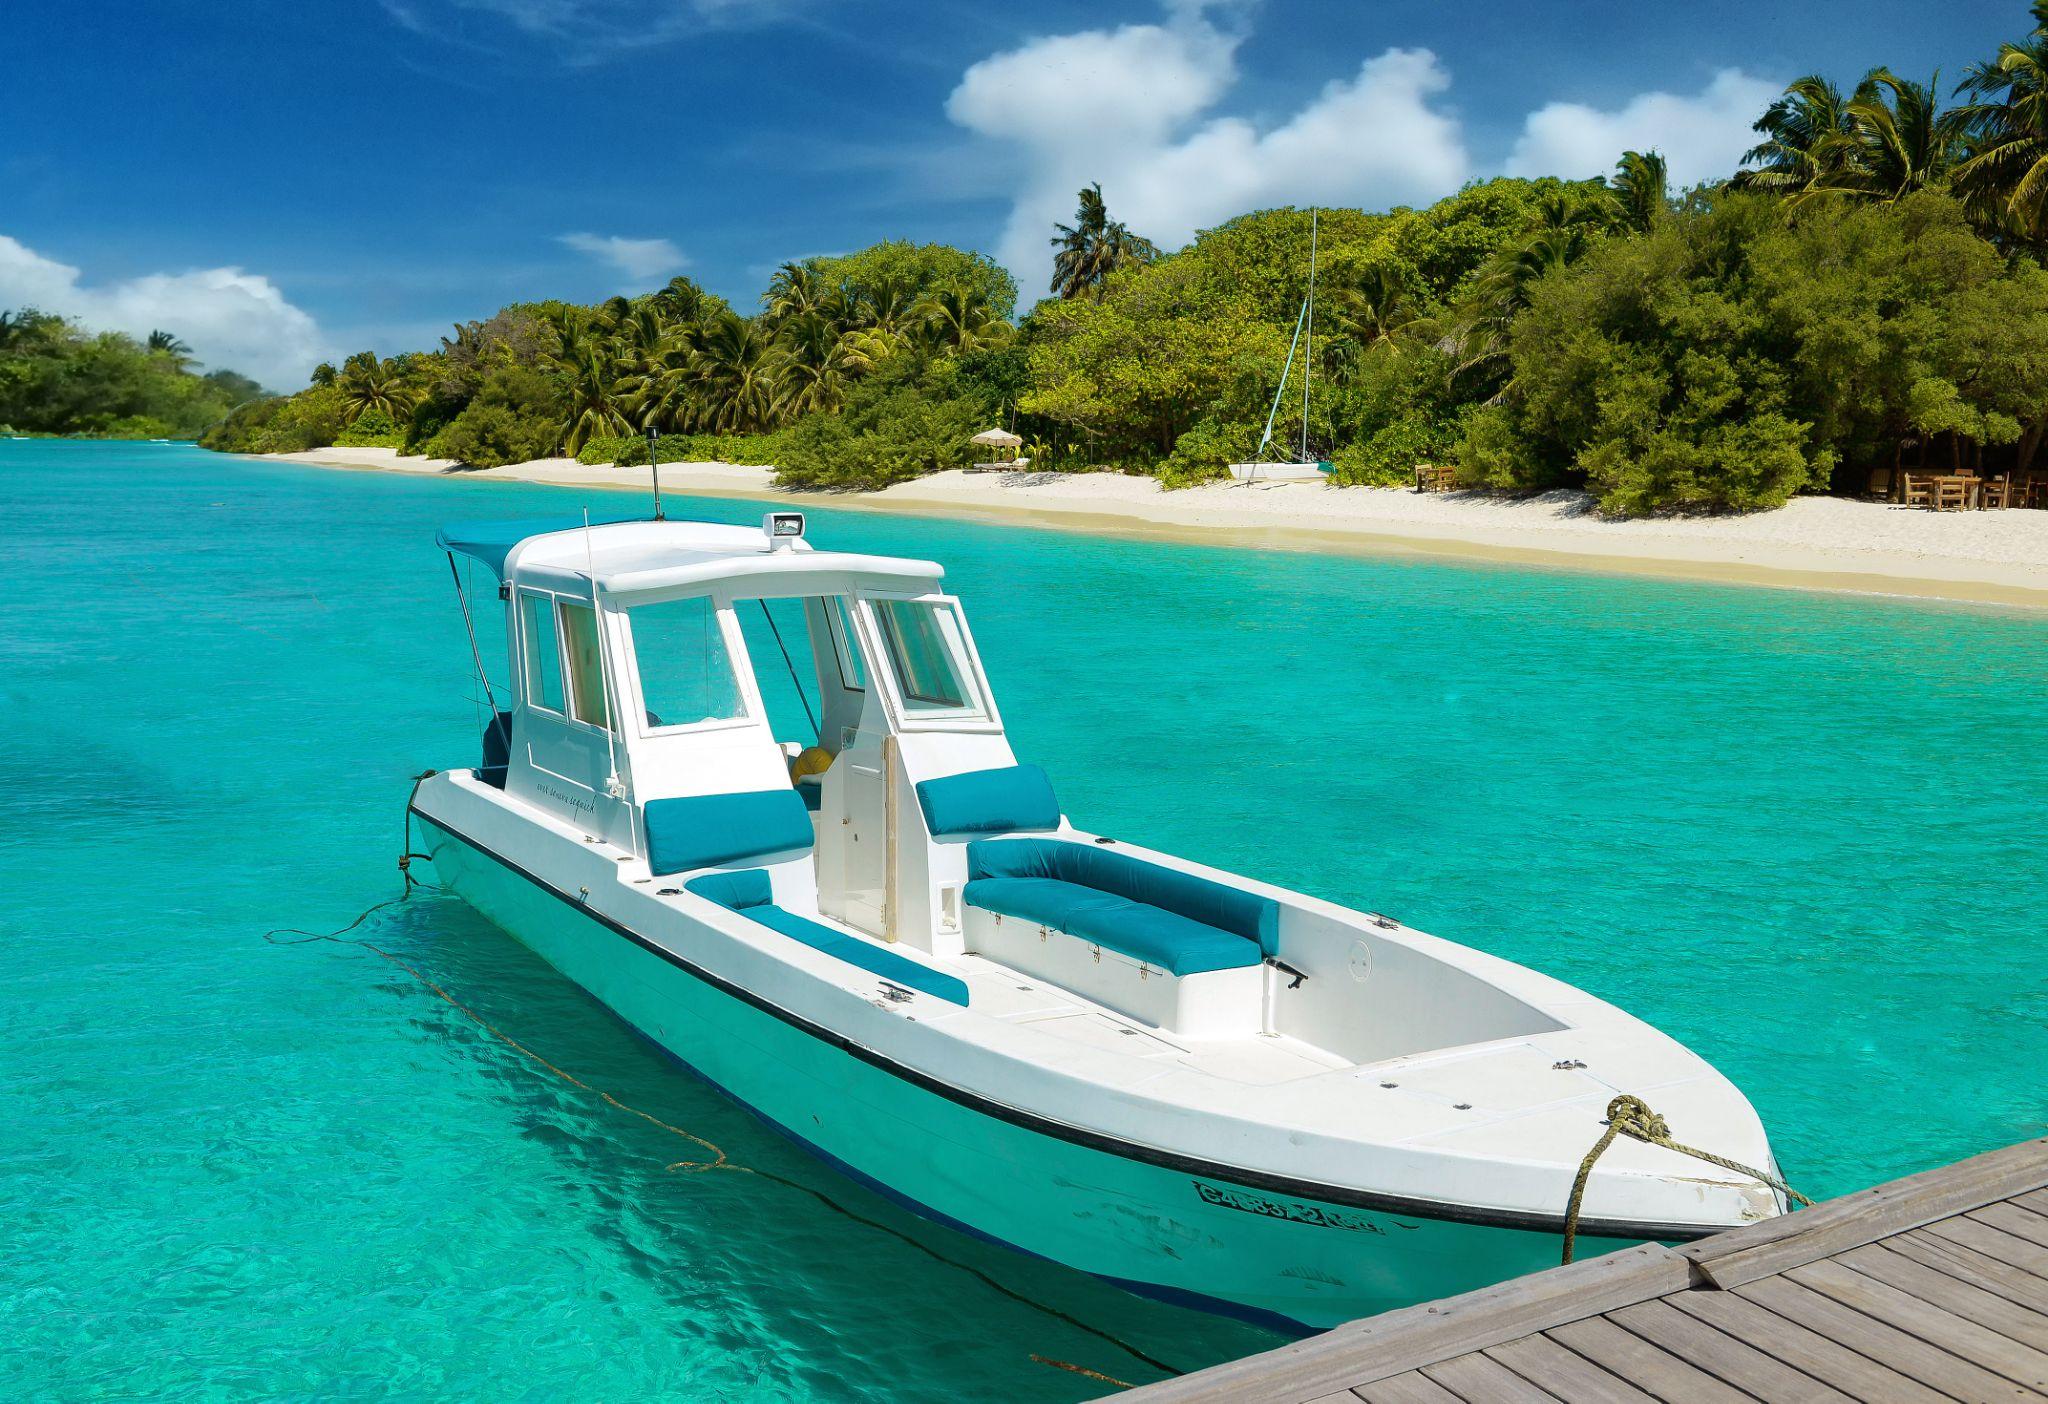 Maldives by Nick M